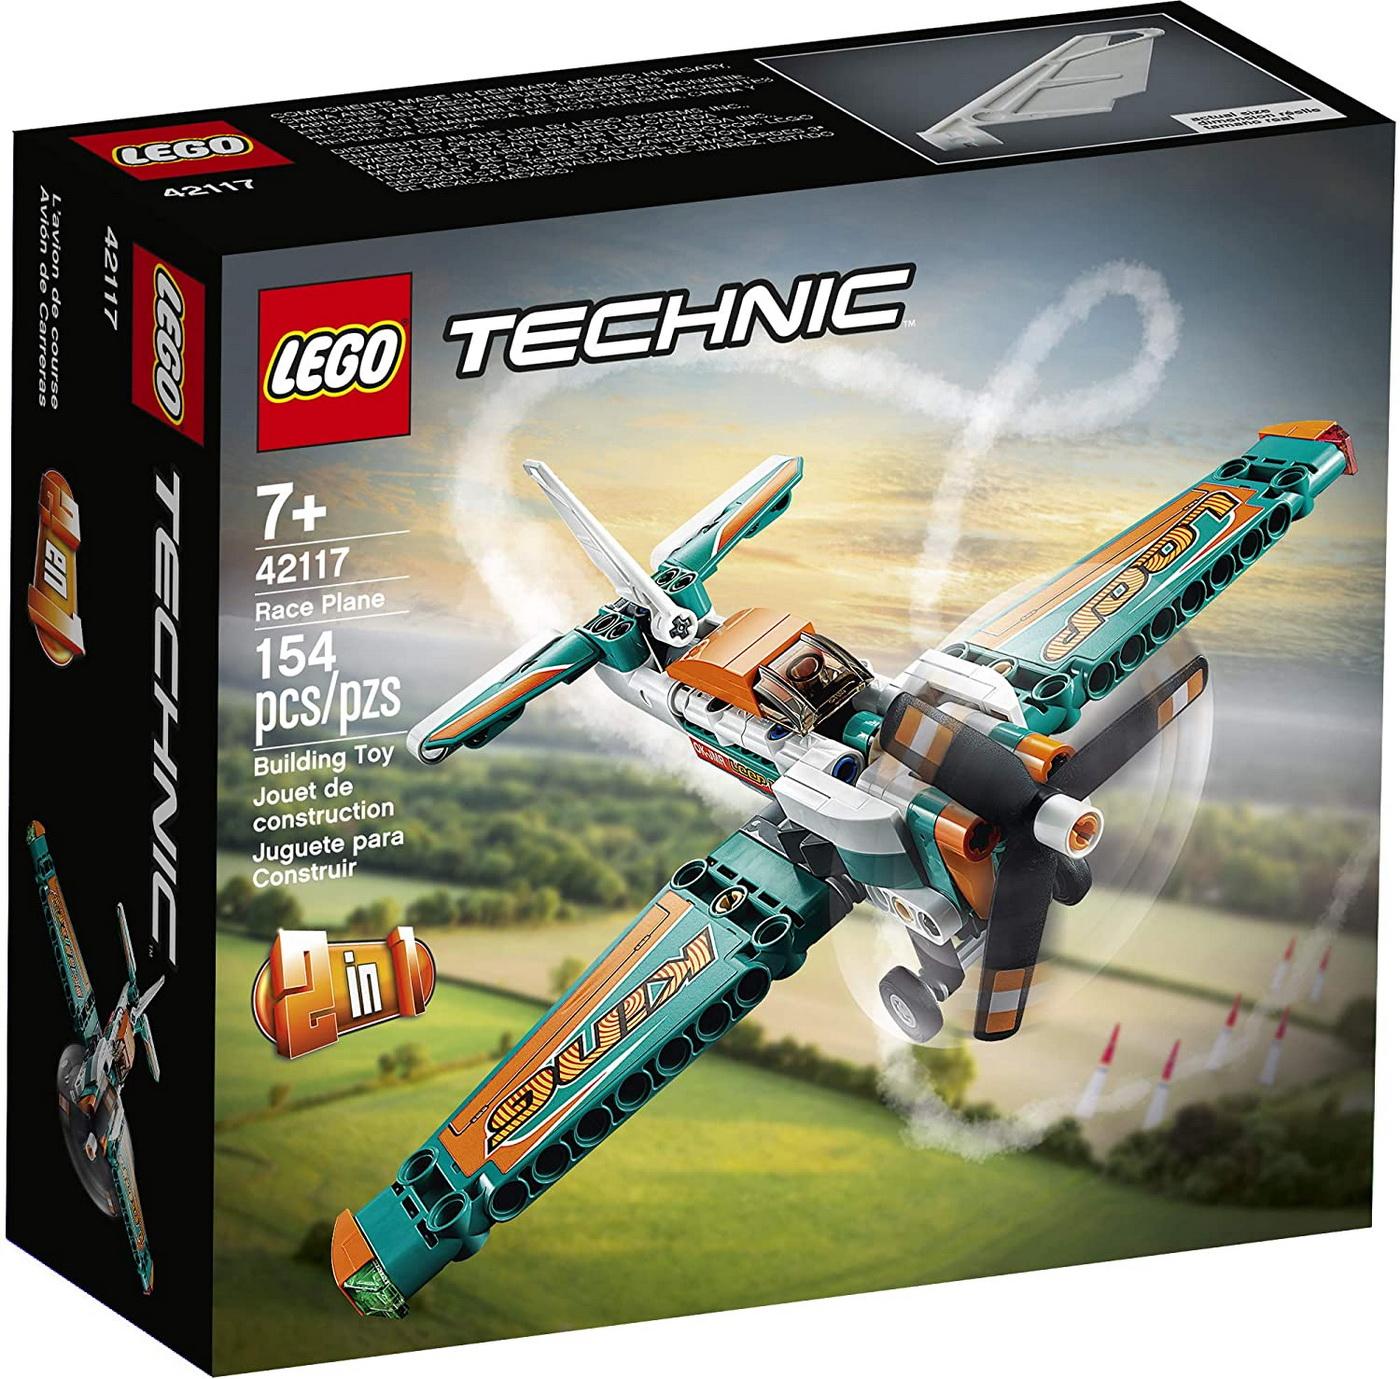 LEGO Technic - Race Plane (42117)   LEGO - 5